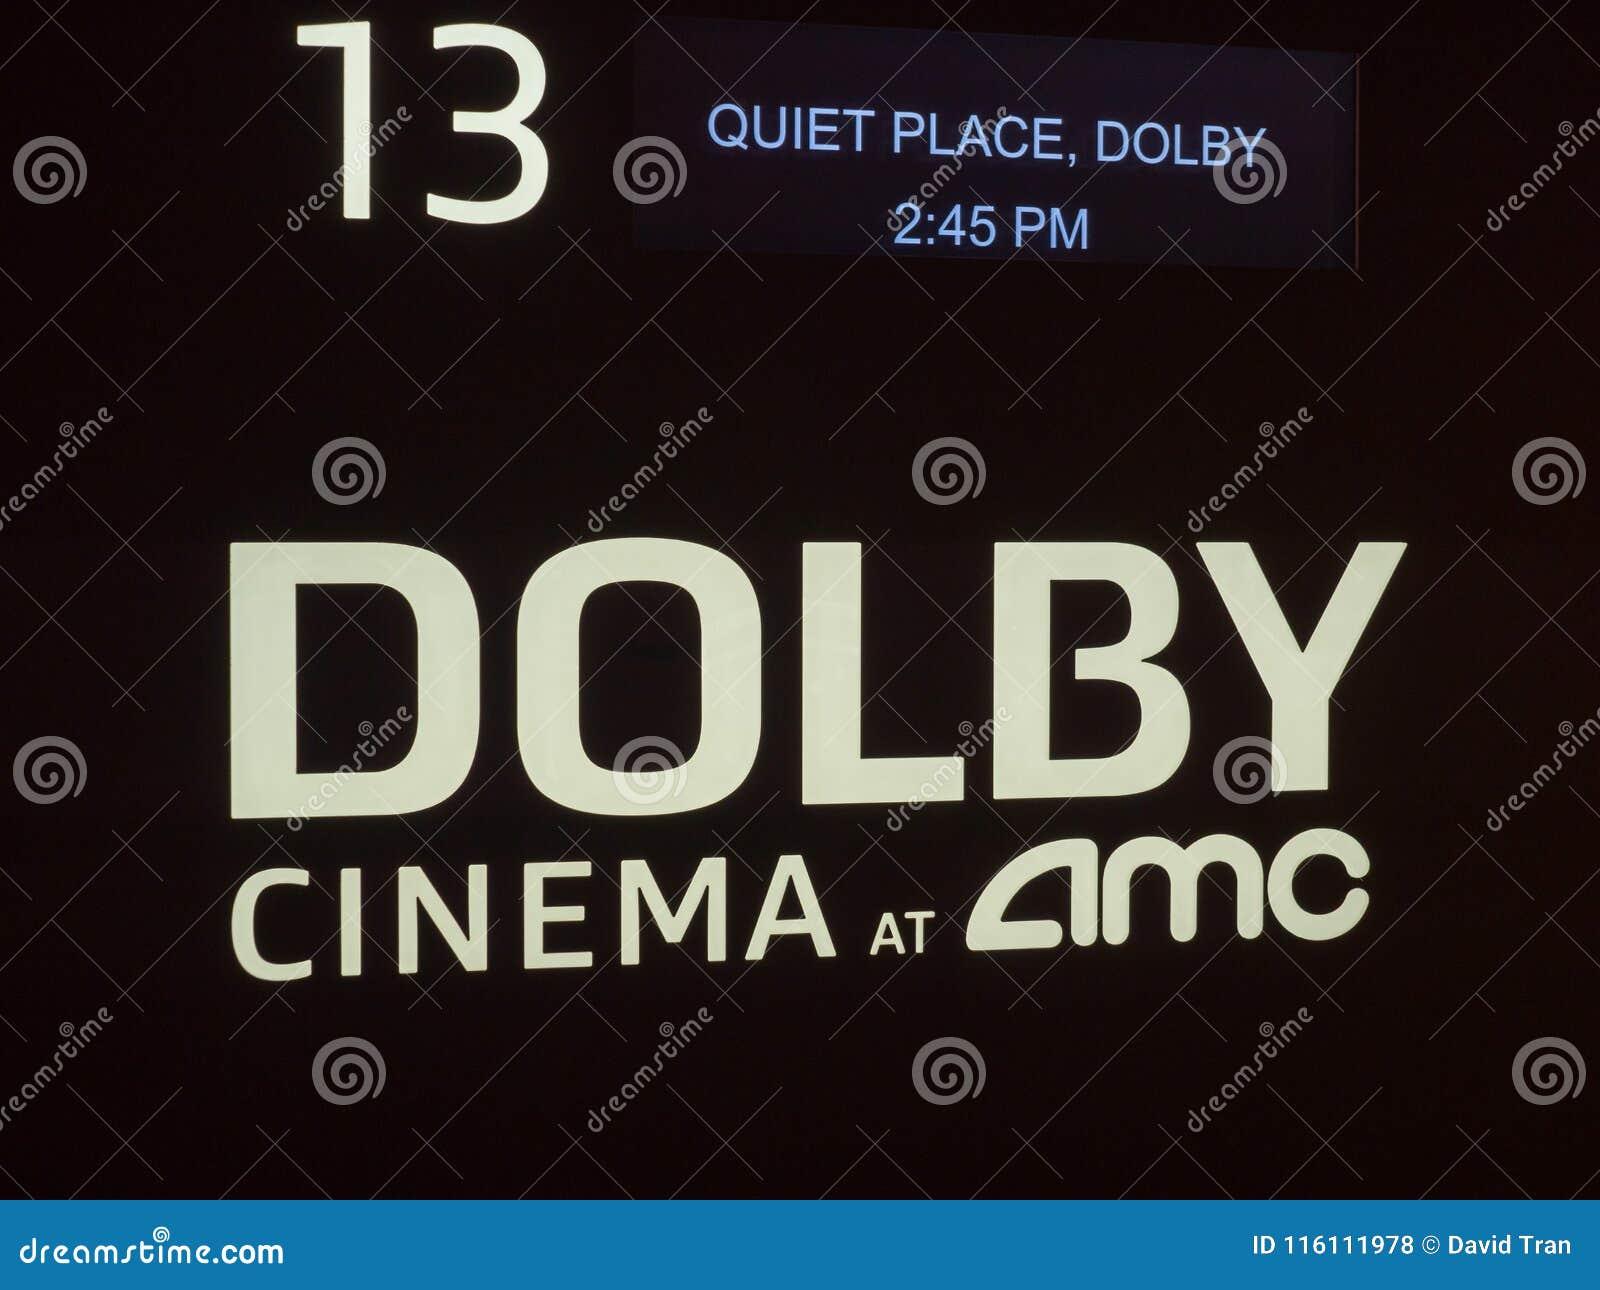 Dolbykino am AMC-Bescheinigungslogo außerhalb eines Film theate